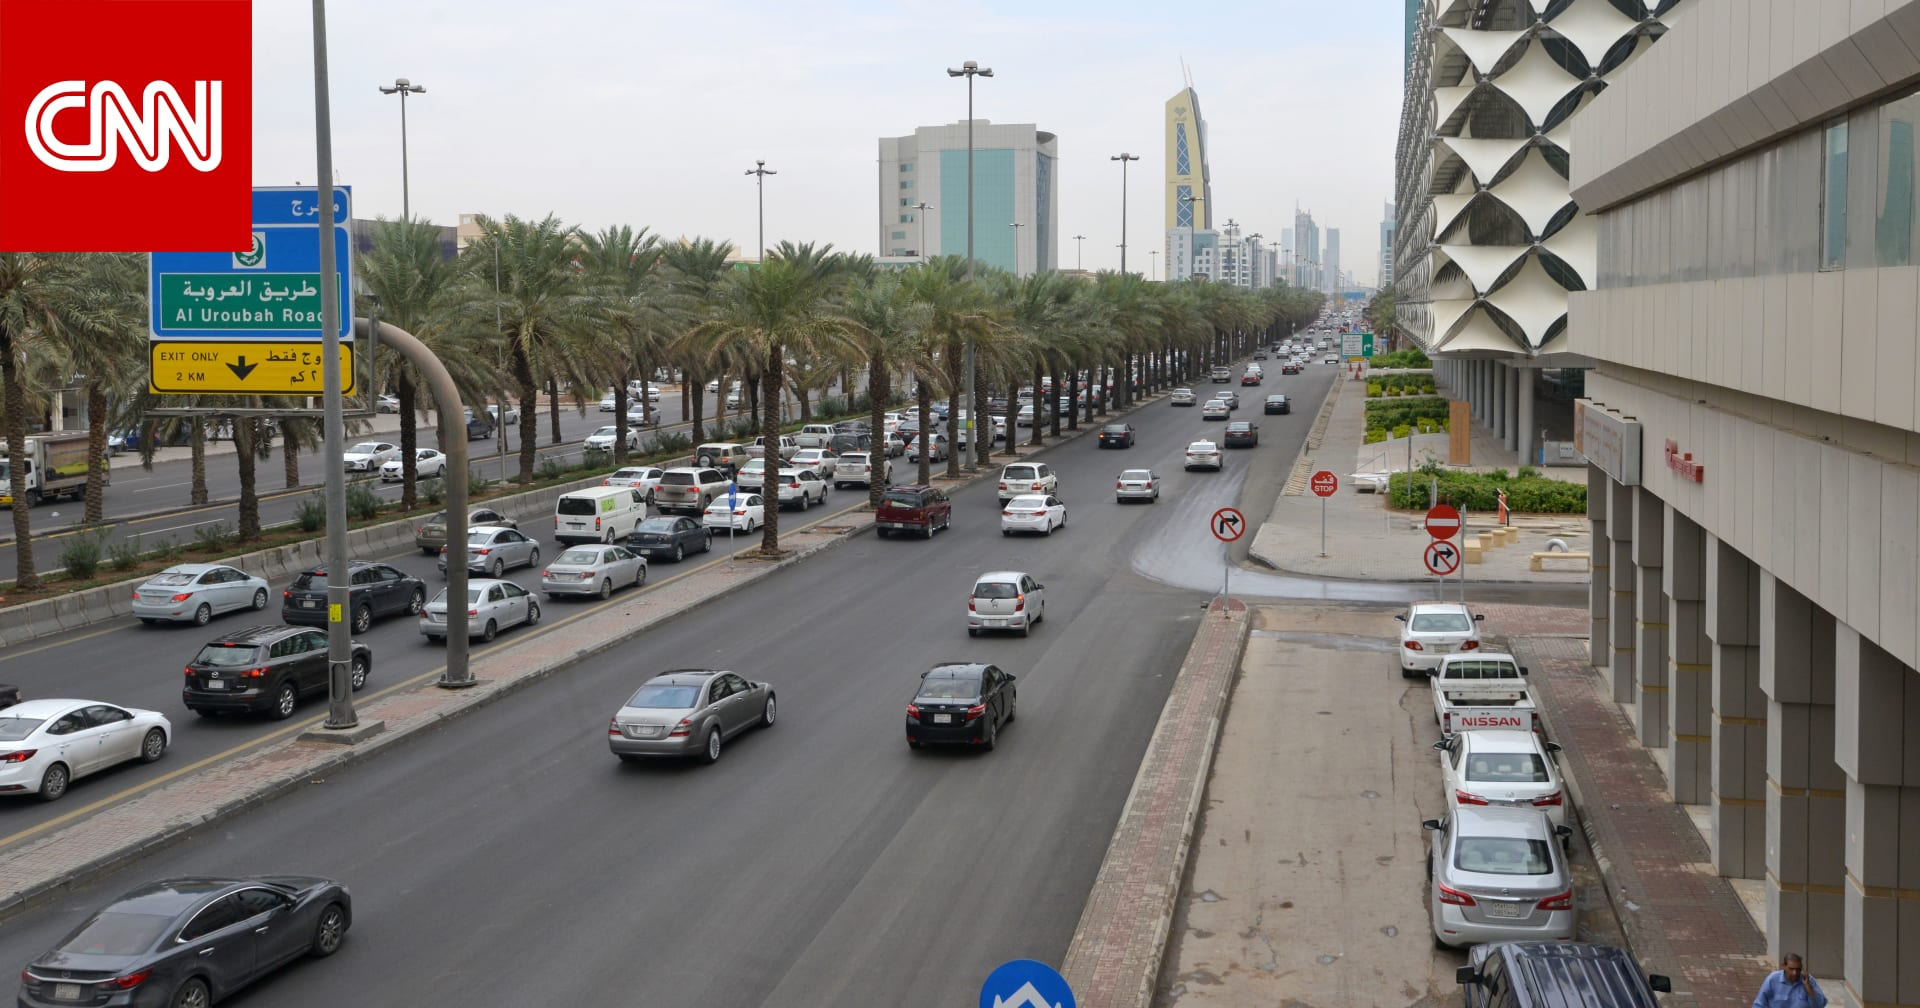 مكافحة الفساد السعودية تعلن إيقاف 65 شخصا منهم 48 بمؤسسات حكومية